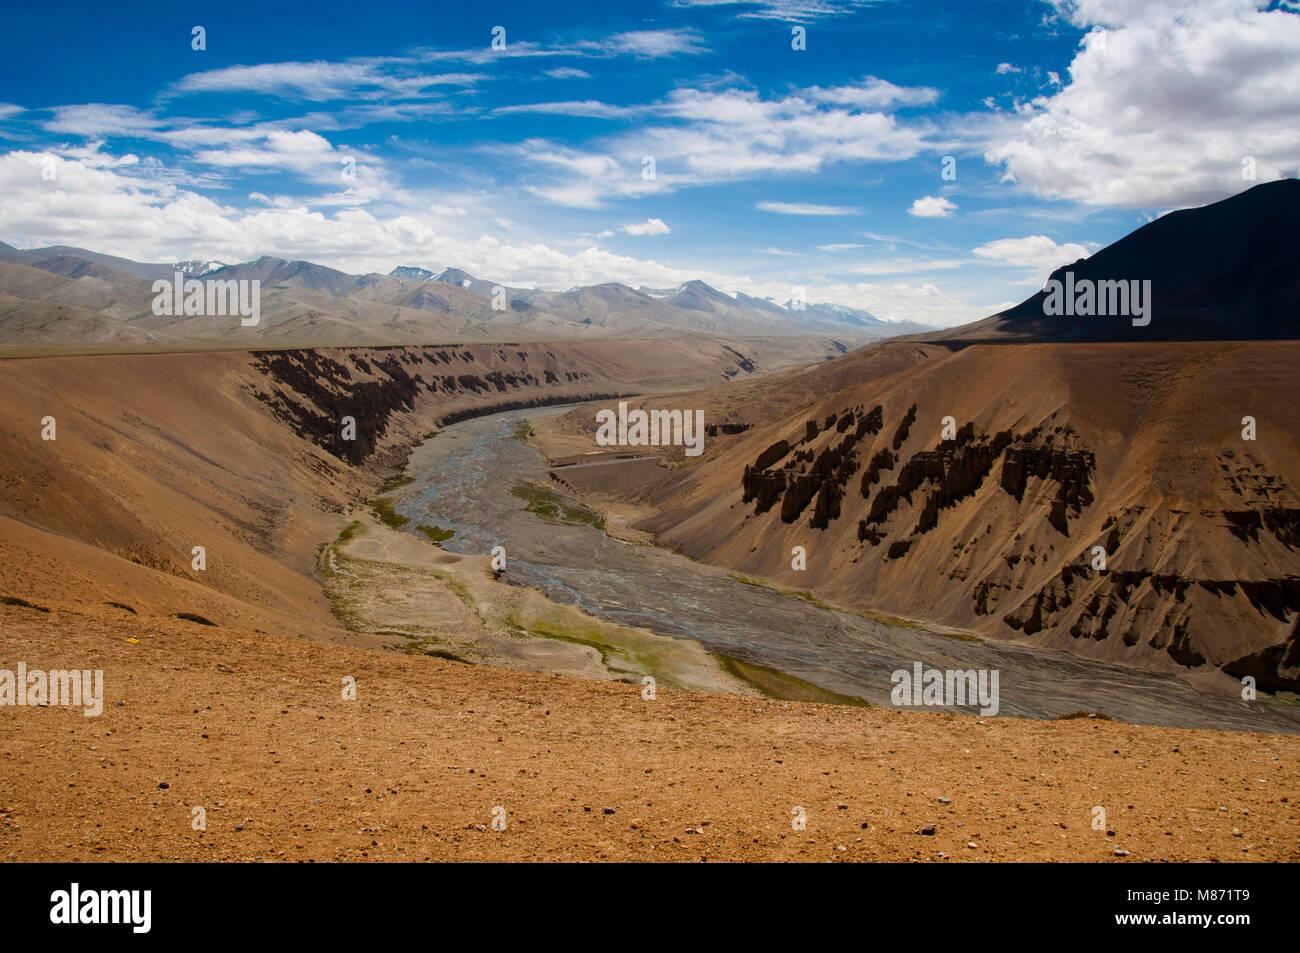 Sumkhel Lungpa River Valley, Sumkhar Tokpo, Pang Canyon, Pang, Himalaya, Jammu and Kashmir, India - Stock Image